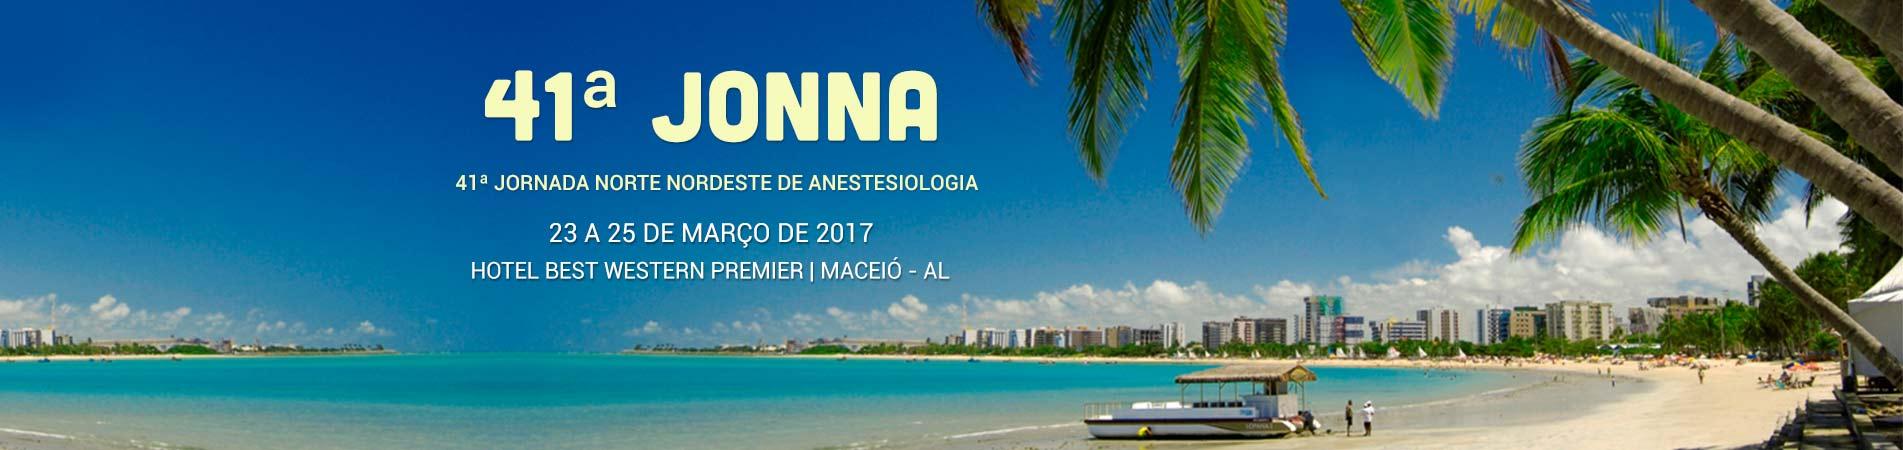 naja-turismo-banner-evento-jonna